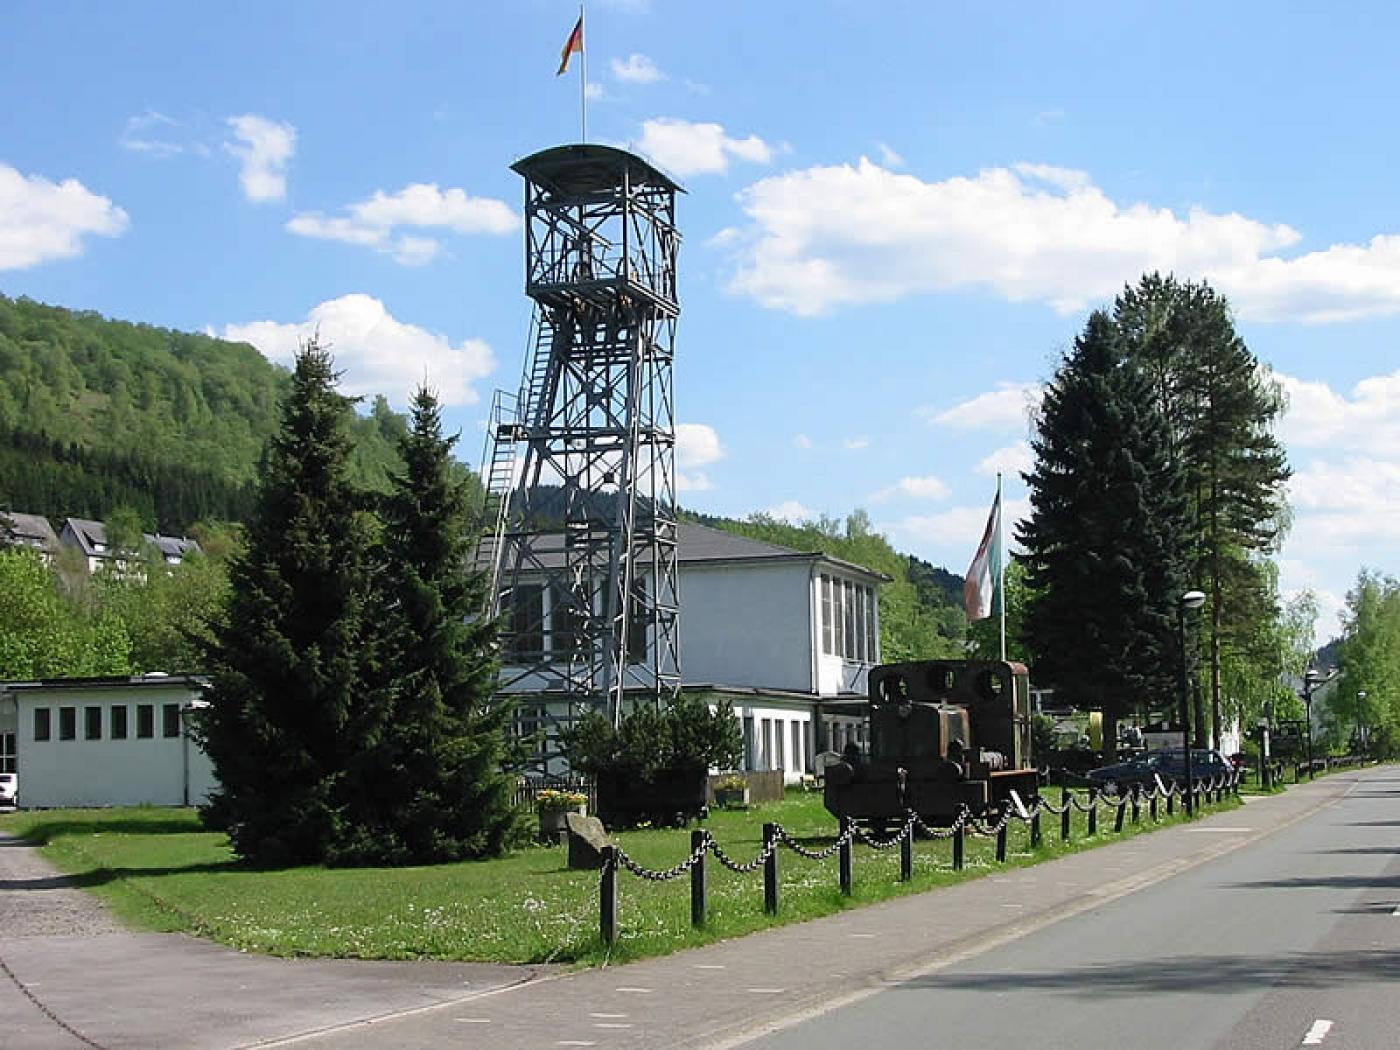 Förderturm Sauerländer Besucherbergwerk (Bestwig)